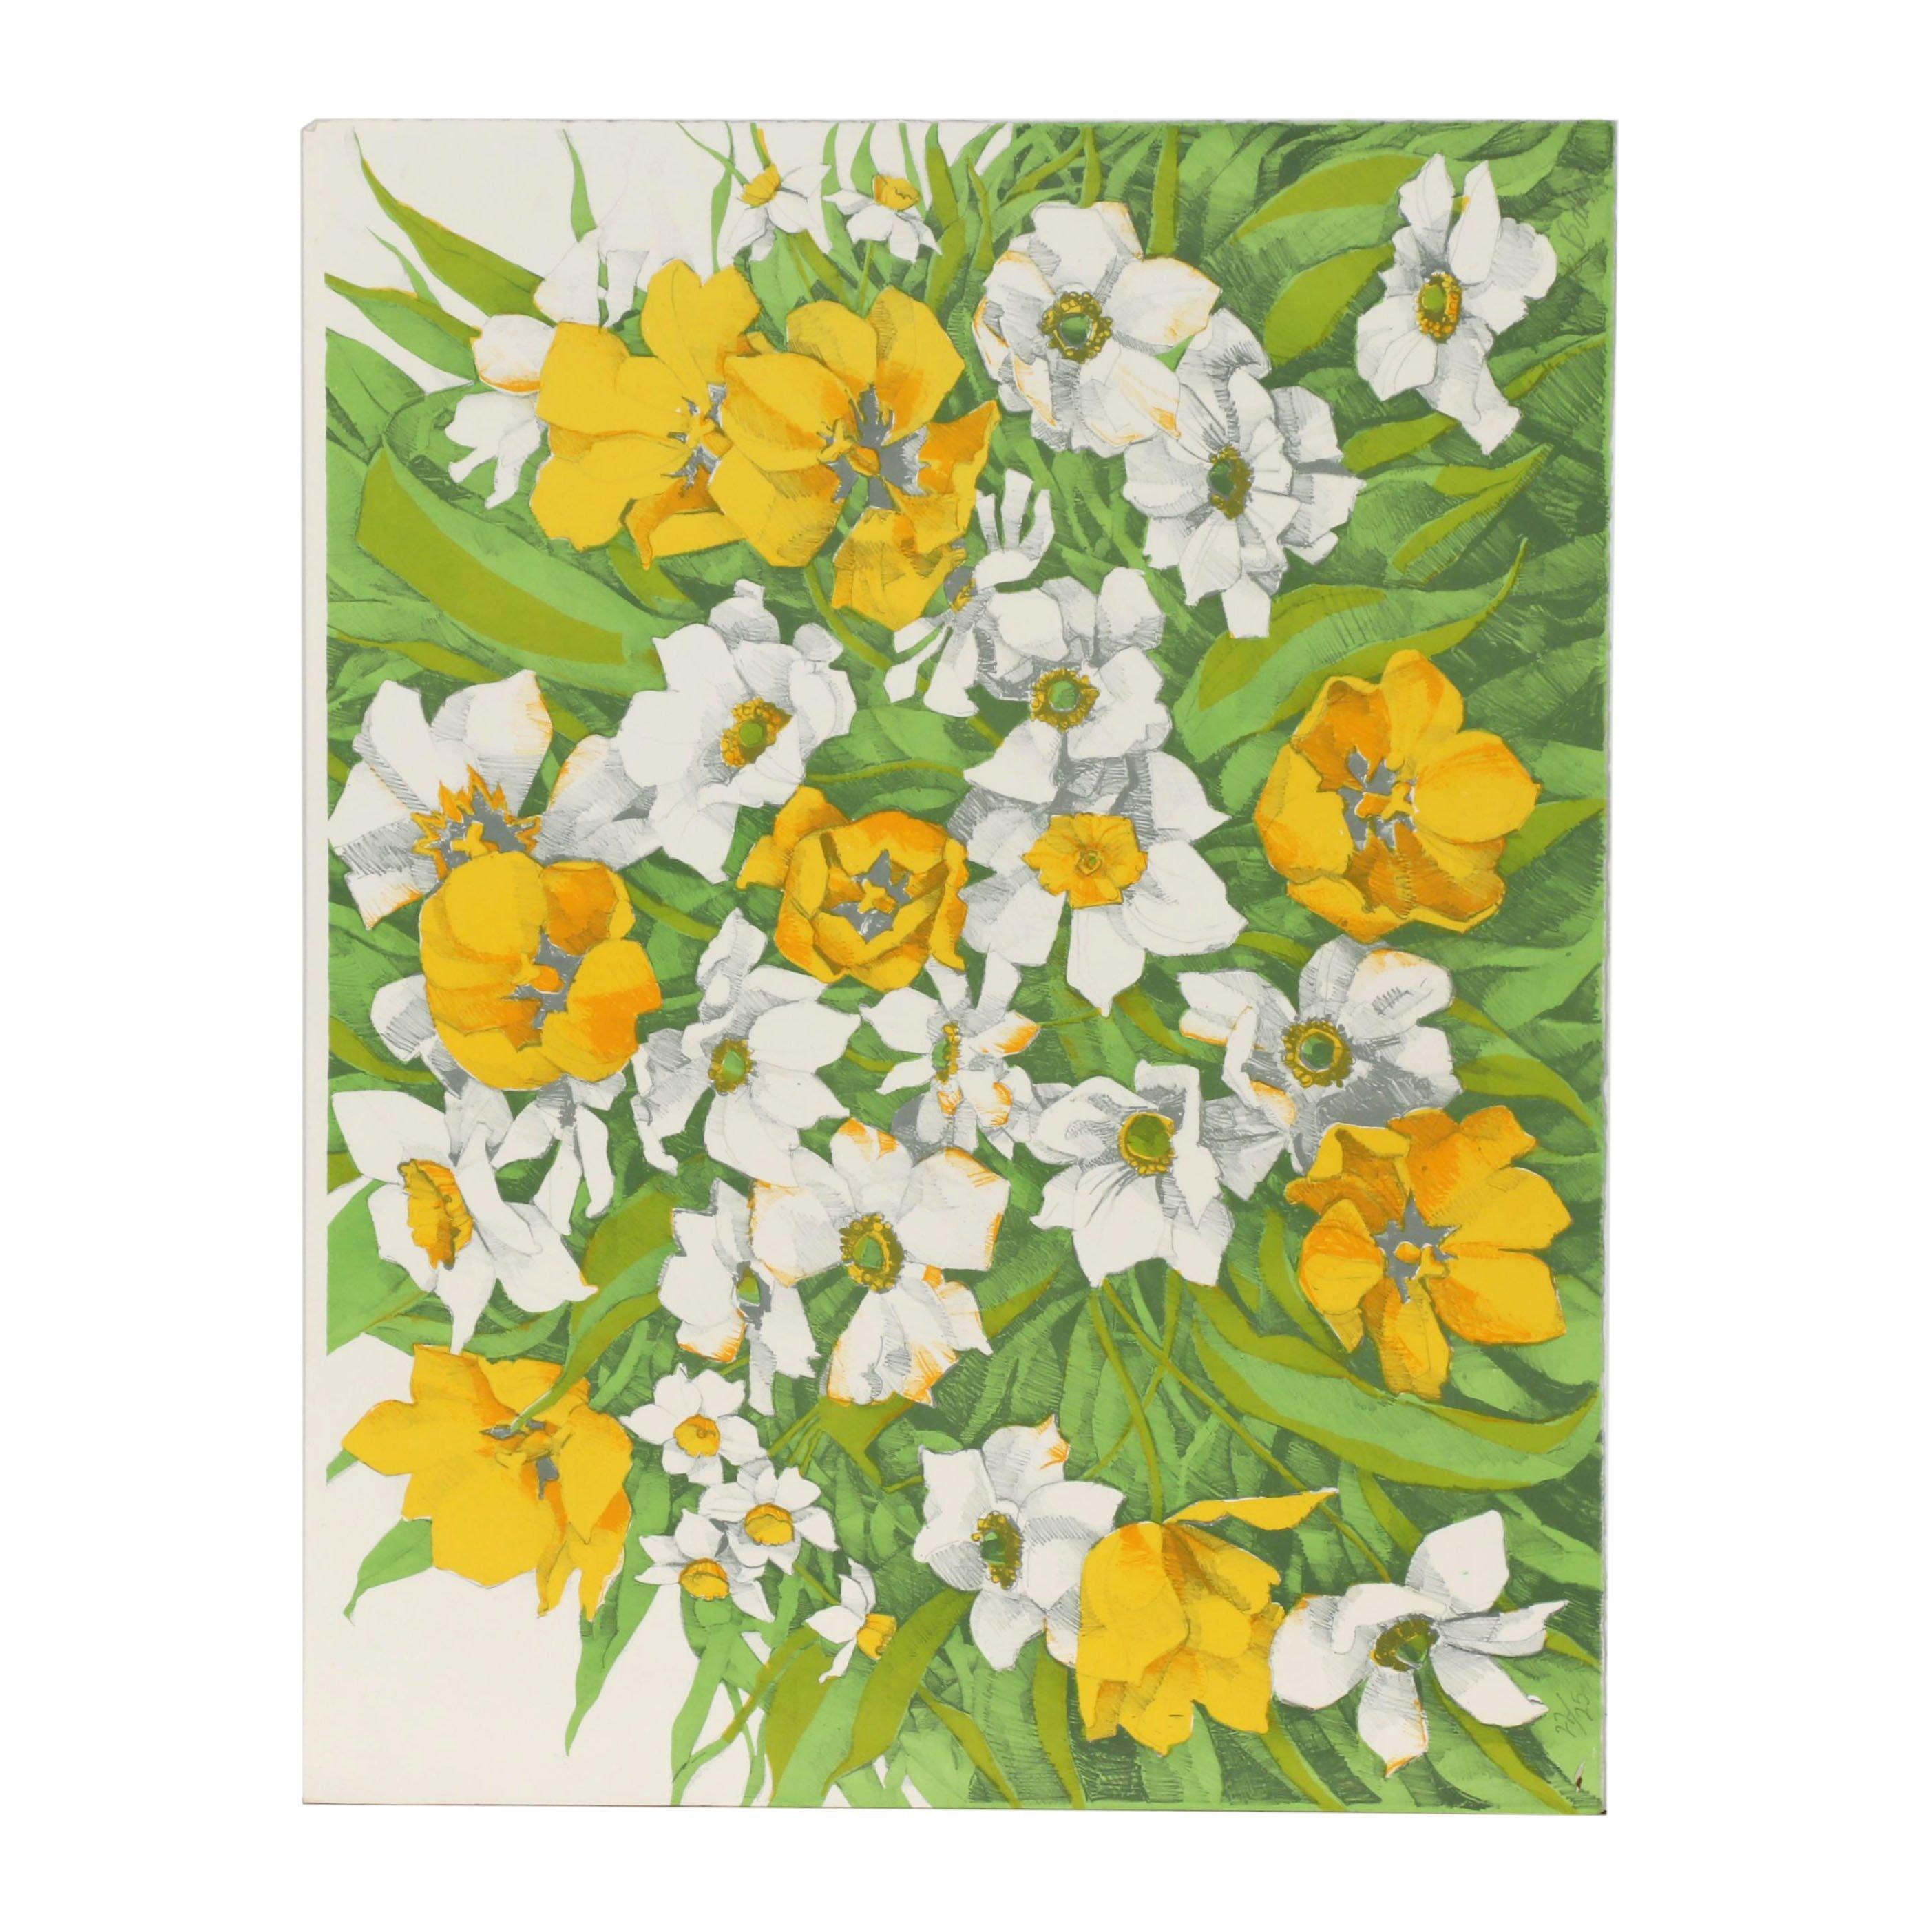 Jack Baker Floral Color Lithograph